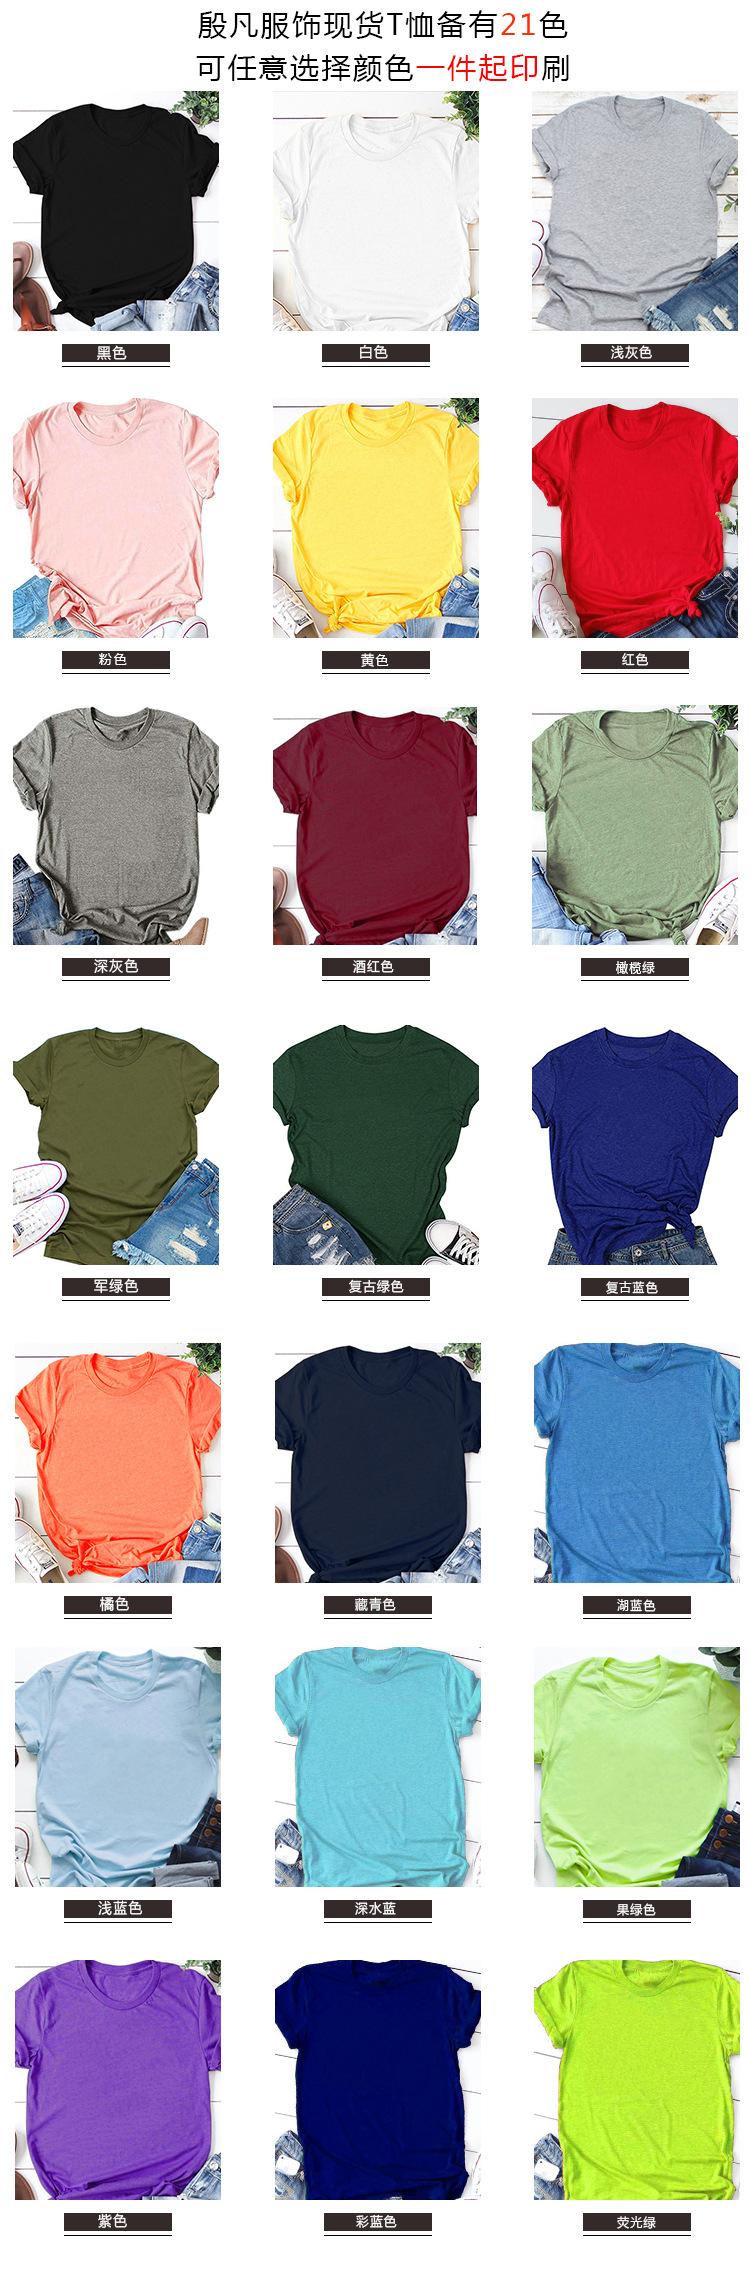 RETON ईसाई टी शर्ट महिलाओं लघु आस्तीन टीशर्ट क्रू गर्दन नरम कपास कस्टम लोगो P मजेदार विश्वास ढीला फिट आकस्मिक यीशु टी